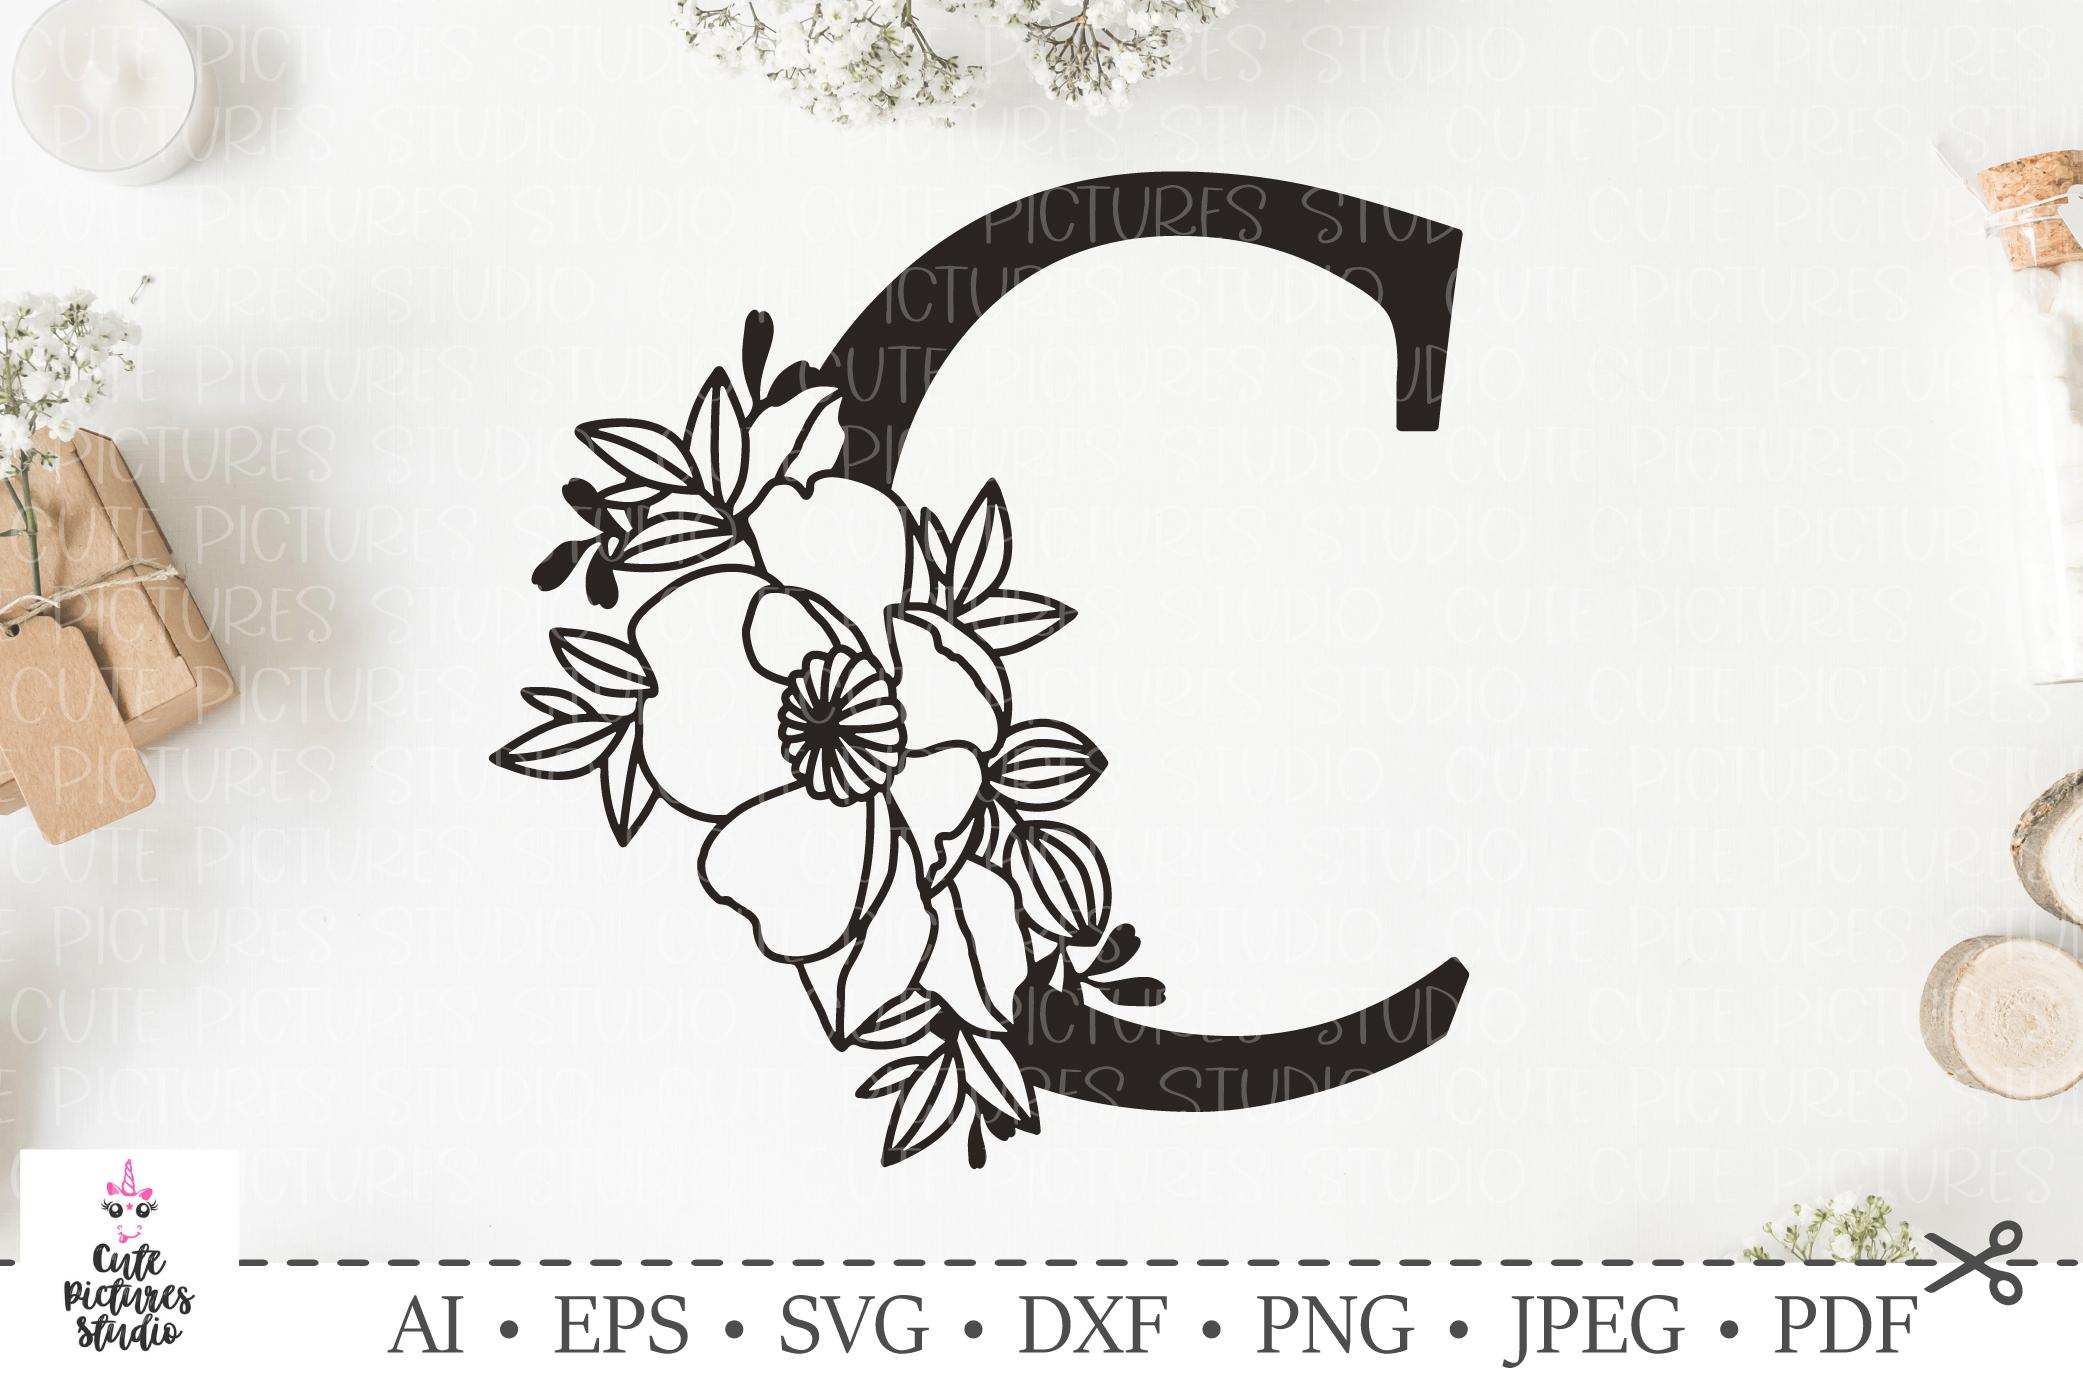 Botanical alphabet svg. Floral letter svg. Bundle SVG, DXF example image 1